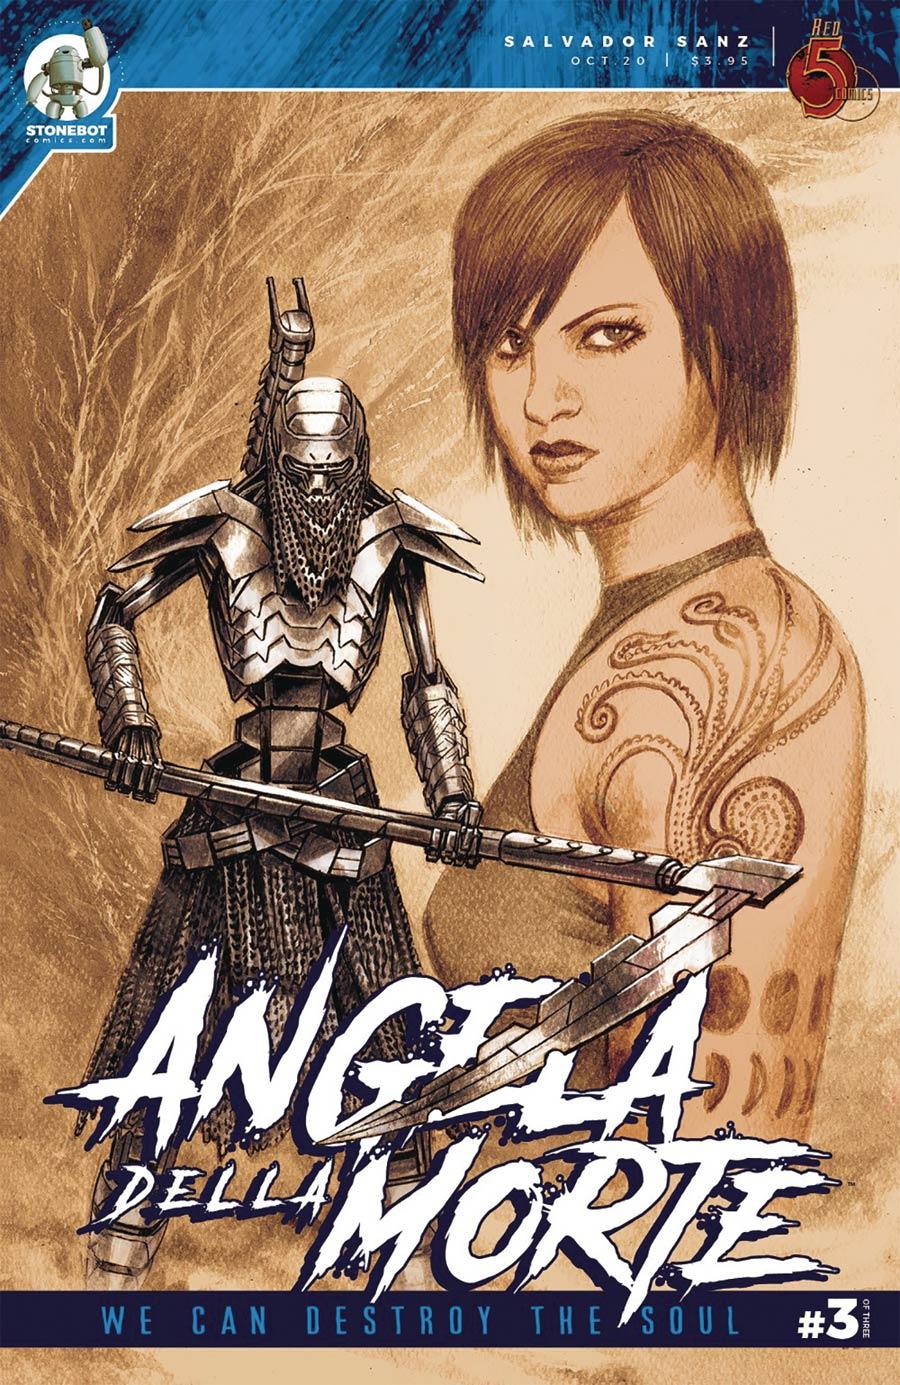 Angela Della Morte Vol 2 #3